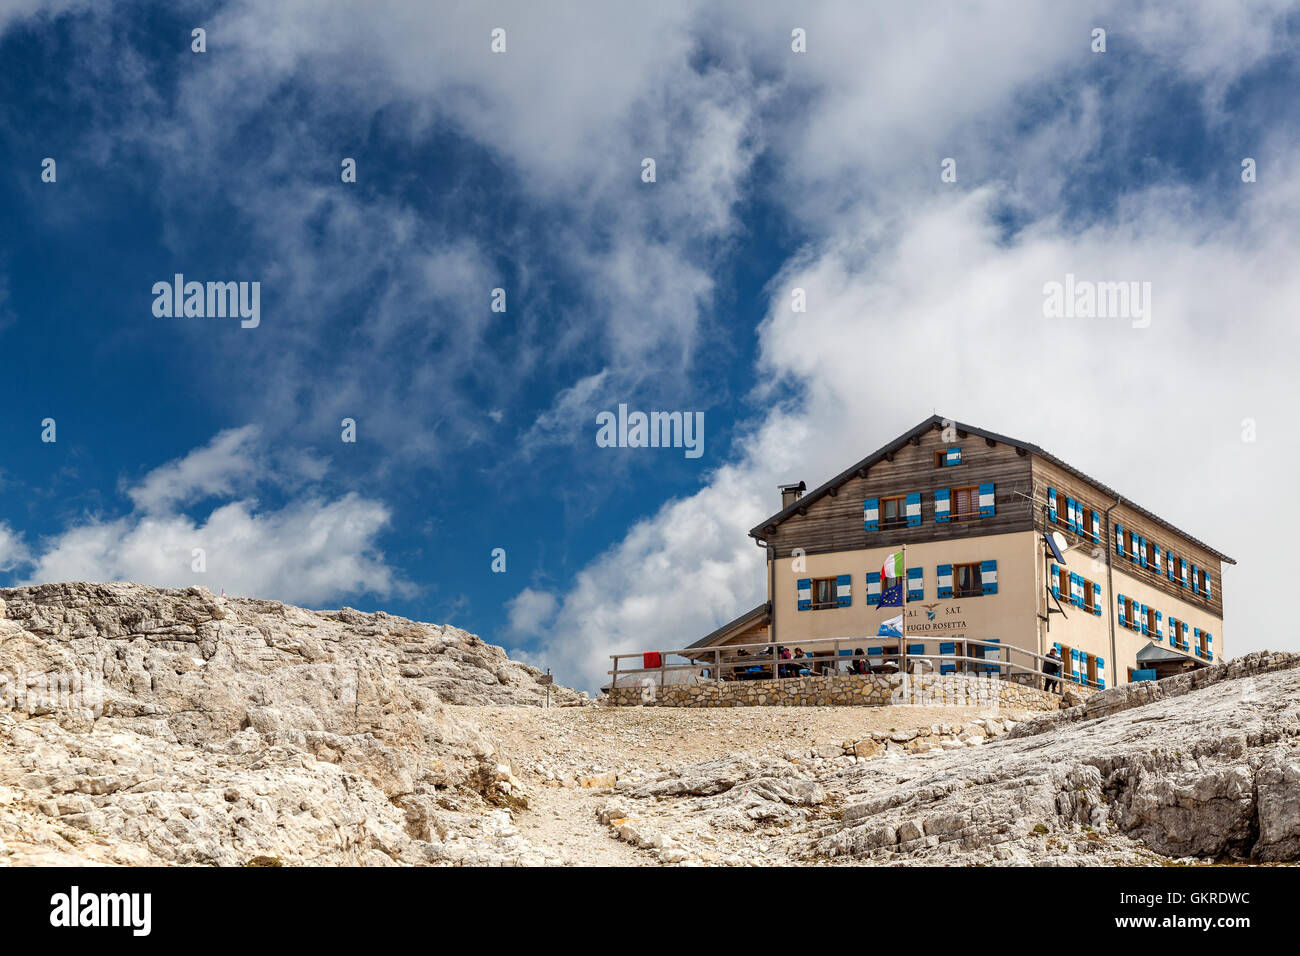 Rosetta refuge, Paneveggio Pale di San Martino Park, Trento province, Trentino, Italy - Stock Image